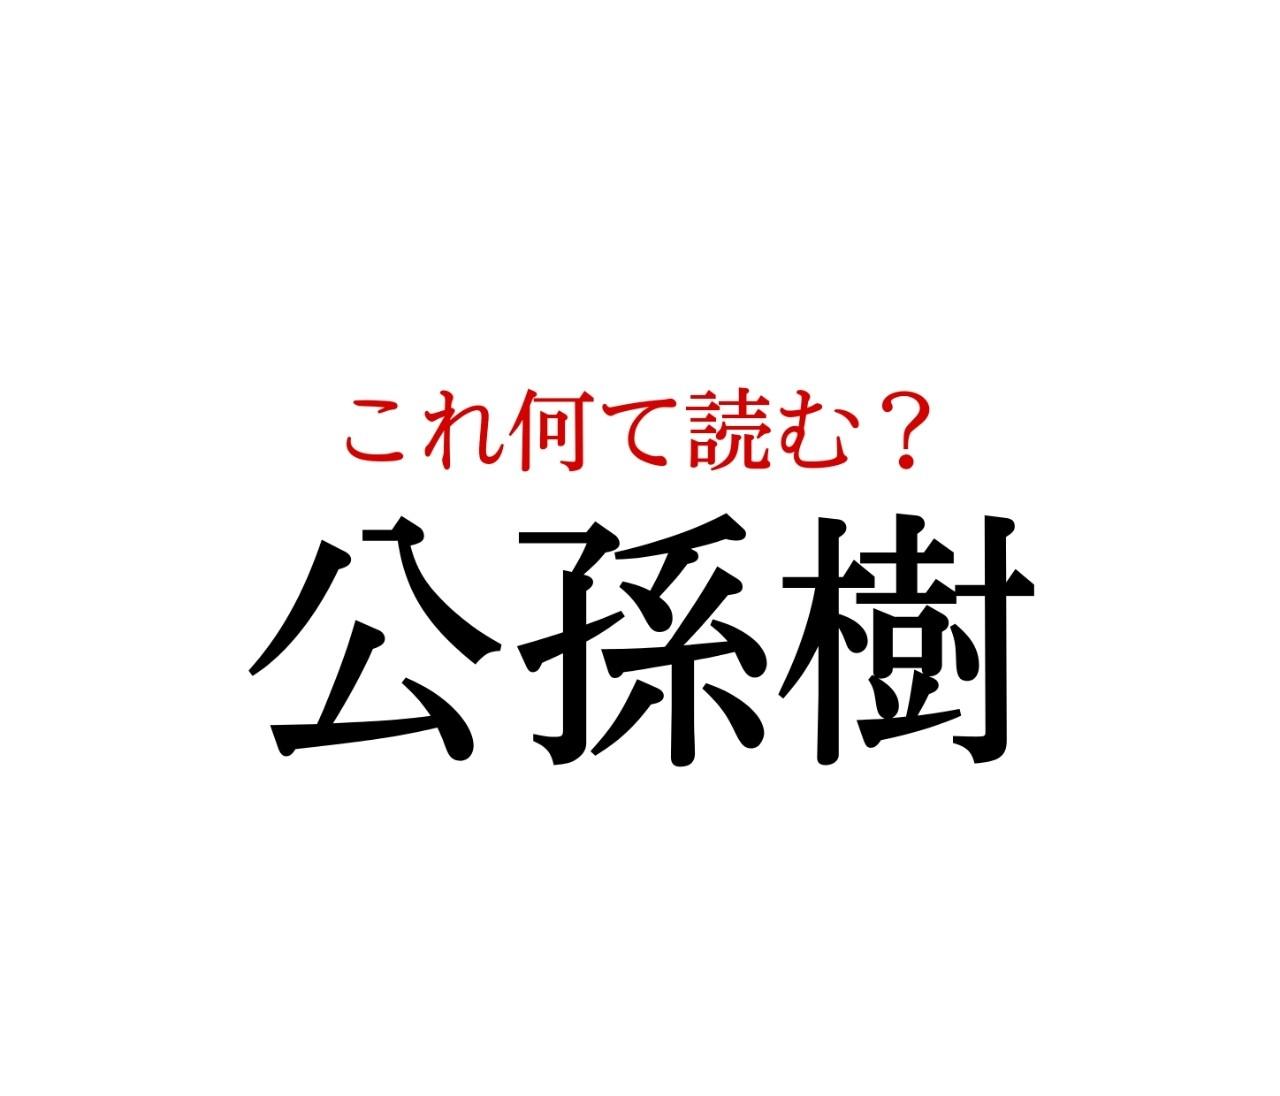 「公孫樹」:この漢字、自信を持って読めますか?【働く大人の漢字クイズvol.81】